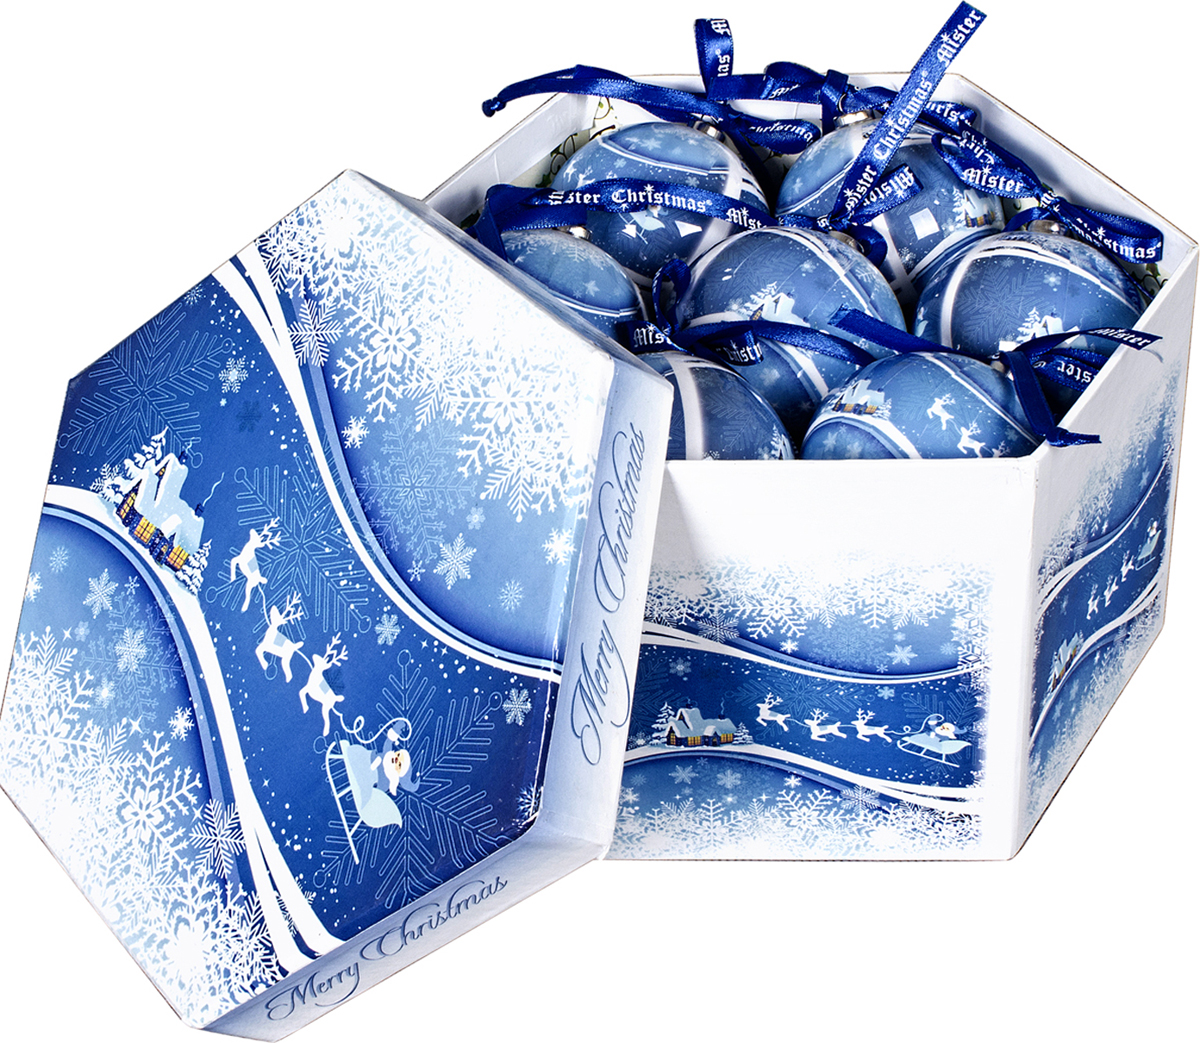 Набор новогодних подвесных украшений Mister Christmas Папье-маше, диаметр 7,5 см, 14 шт. PM-40-14PM-40-14Набор Mister Christmas Папье-маше состоит из 14 подвесных украшений ручной работы, изготовленных в технике папье-маше. Такие шары очень легкие, но в то же время удивительно прочные. На создание одной такой игрушки уходит несколько дней. И в результате получается настоящее произведение искусства! Все изделия оснащены атласной ленточкой с логотипом бренда Mister Christmas для подвешивания. Такие украшения станут превосходным подарком к Новому году, а также дополнят коллекцию оригинальных новогодних елочных игрушек.